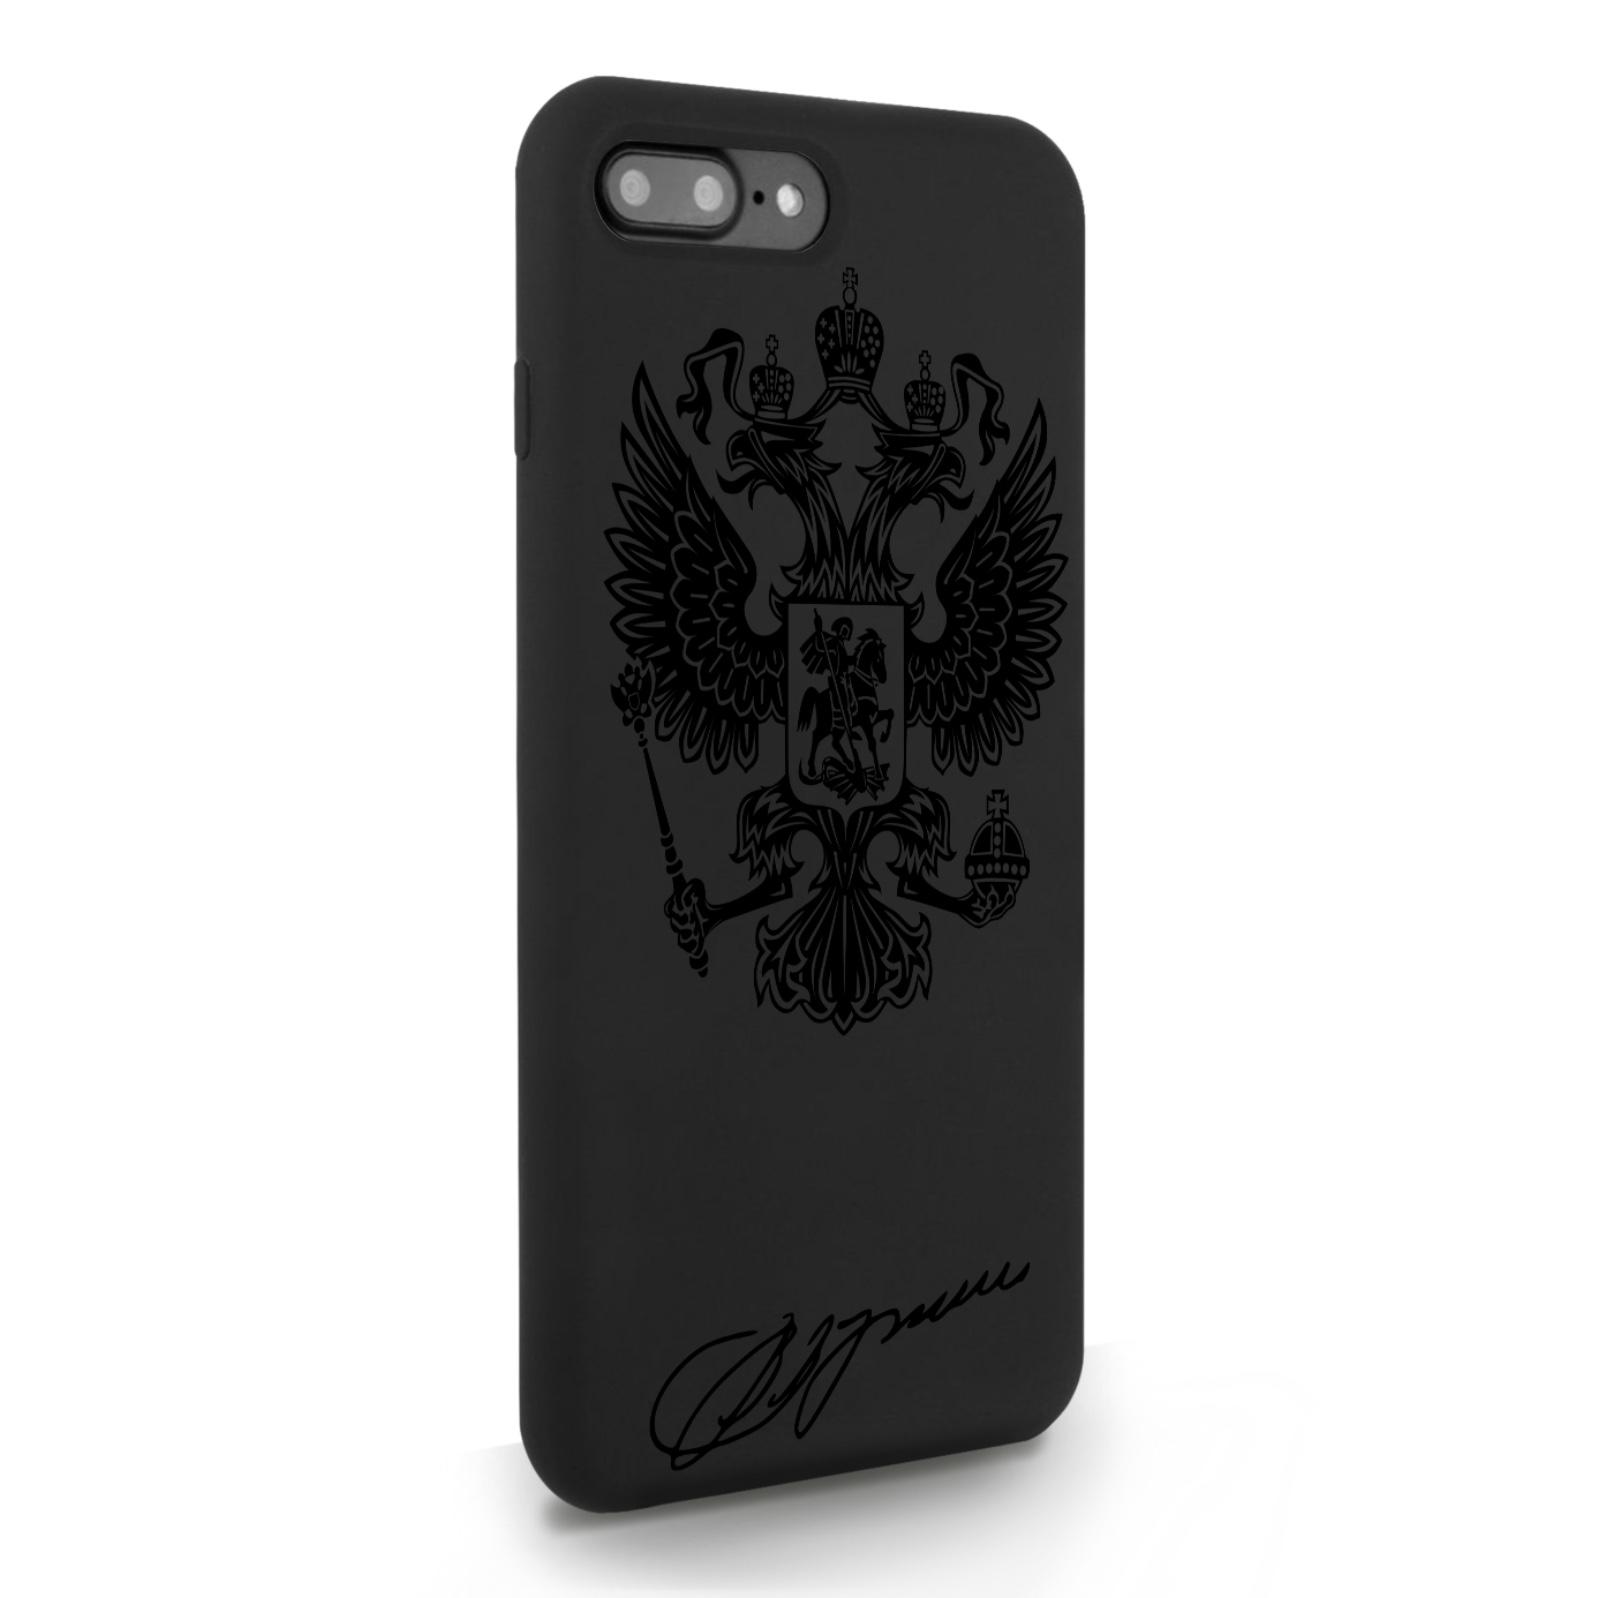 Черный пластиковый чехол для iPhone 7/8 Plus Черный лаковый Герб для Айфон 7/8 Плюс